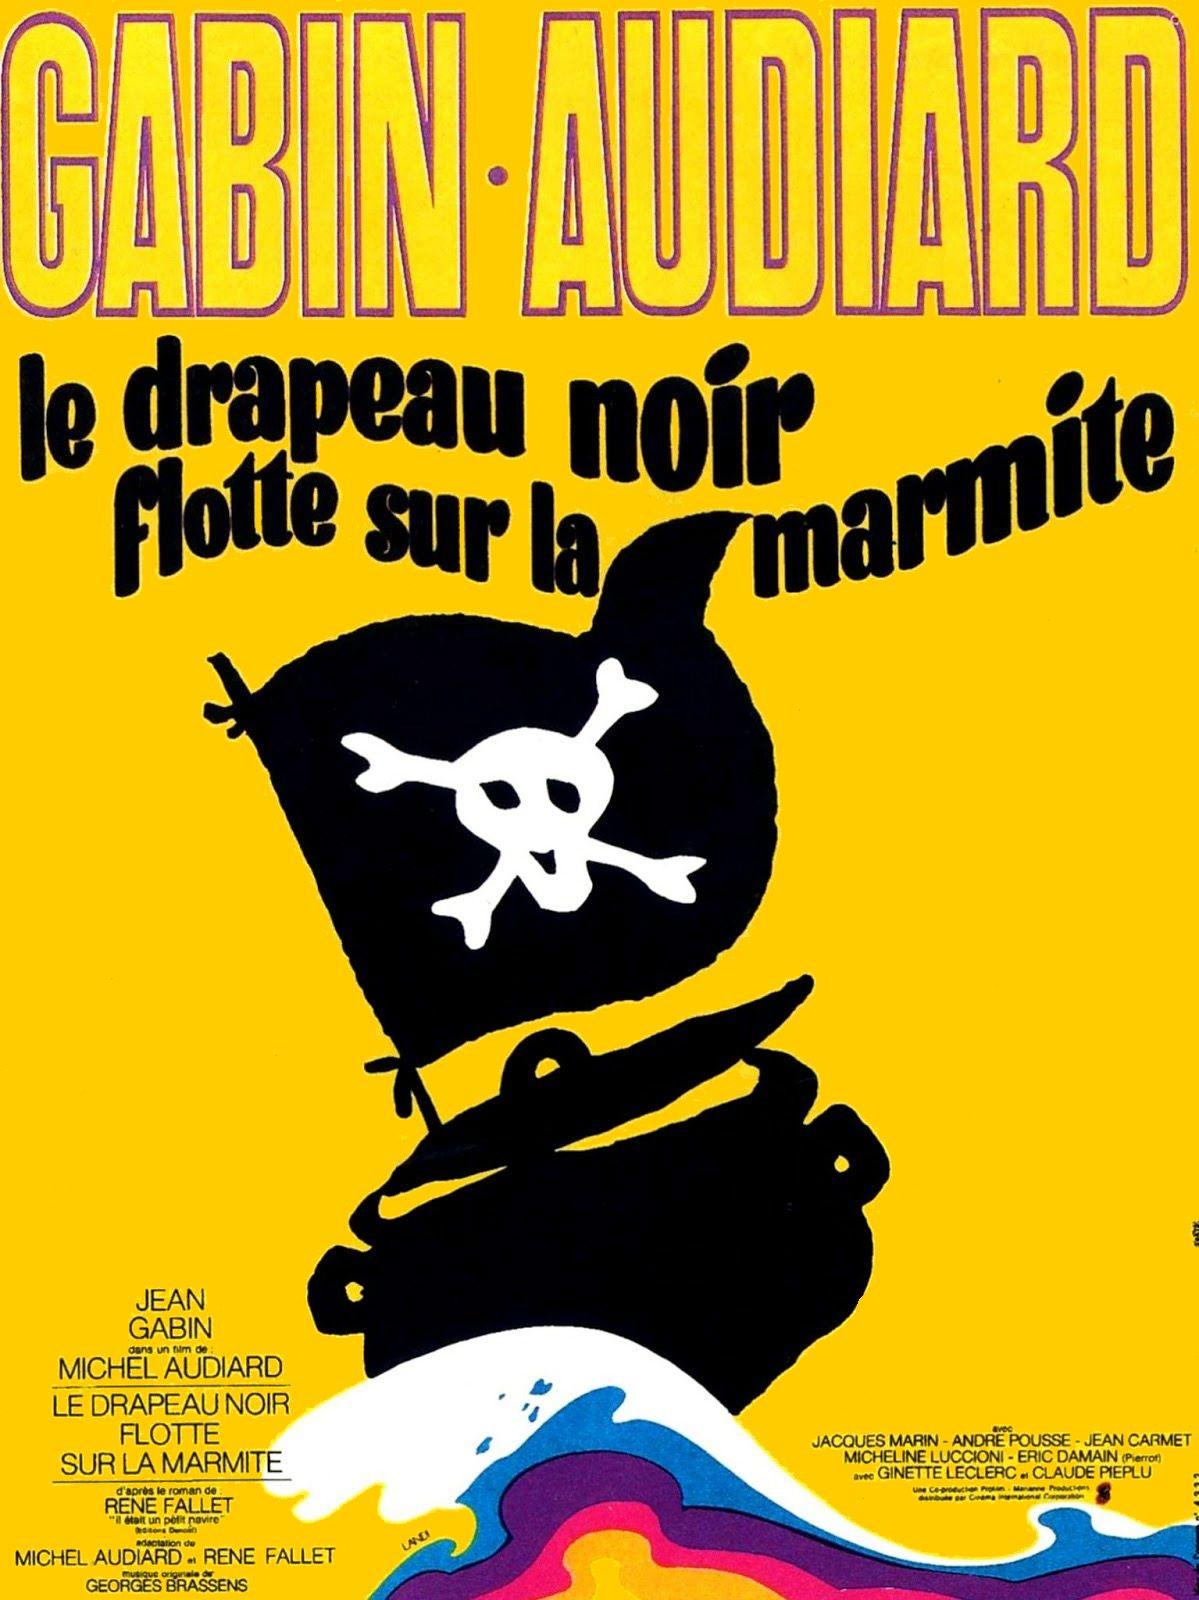 Le drapeau noir flotte sur la marmite - Film (1971) - SensCritique